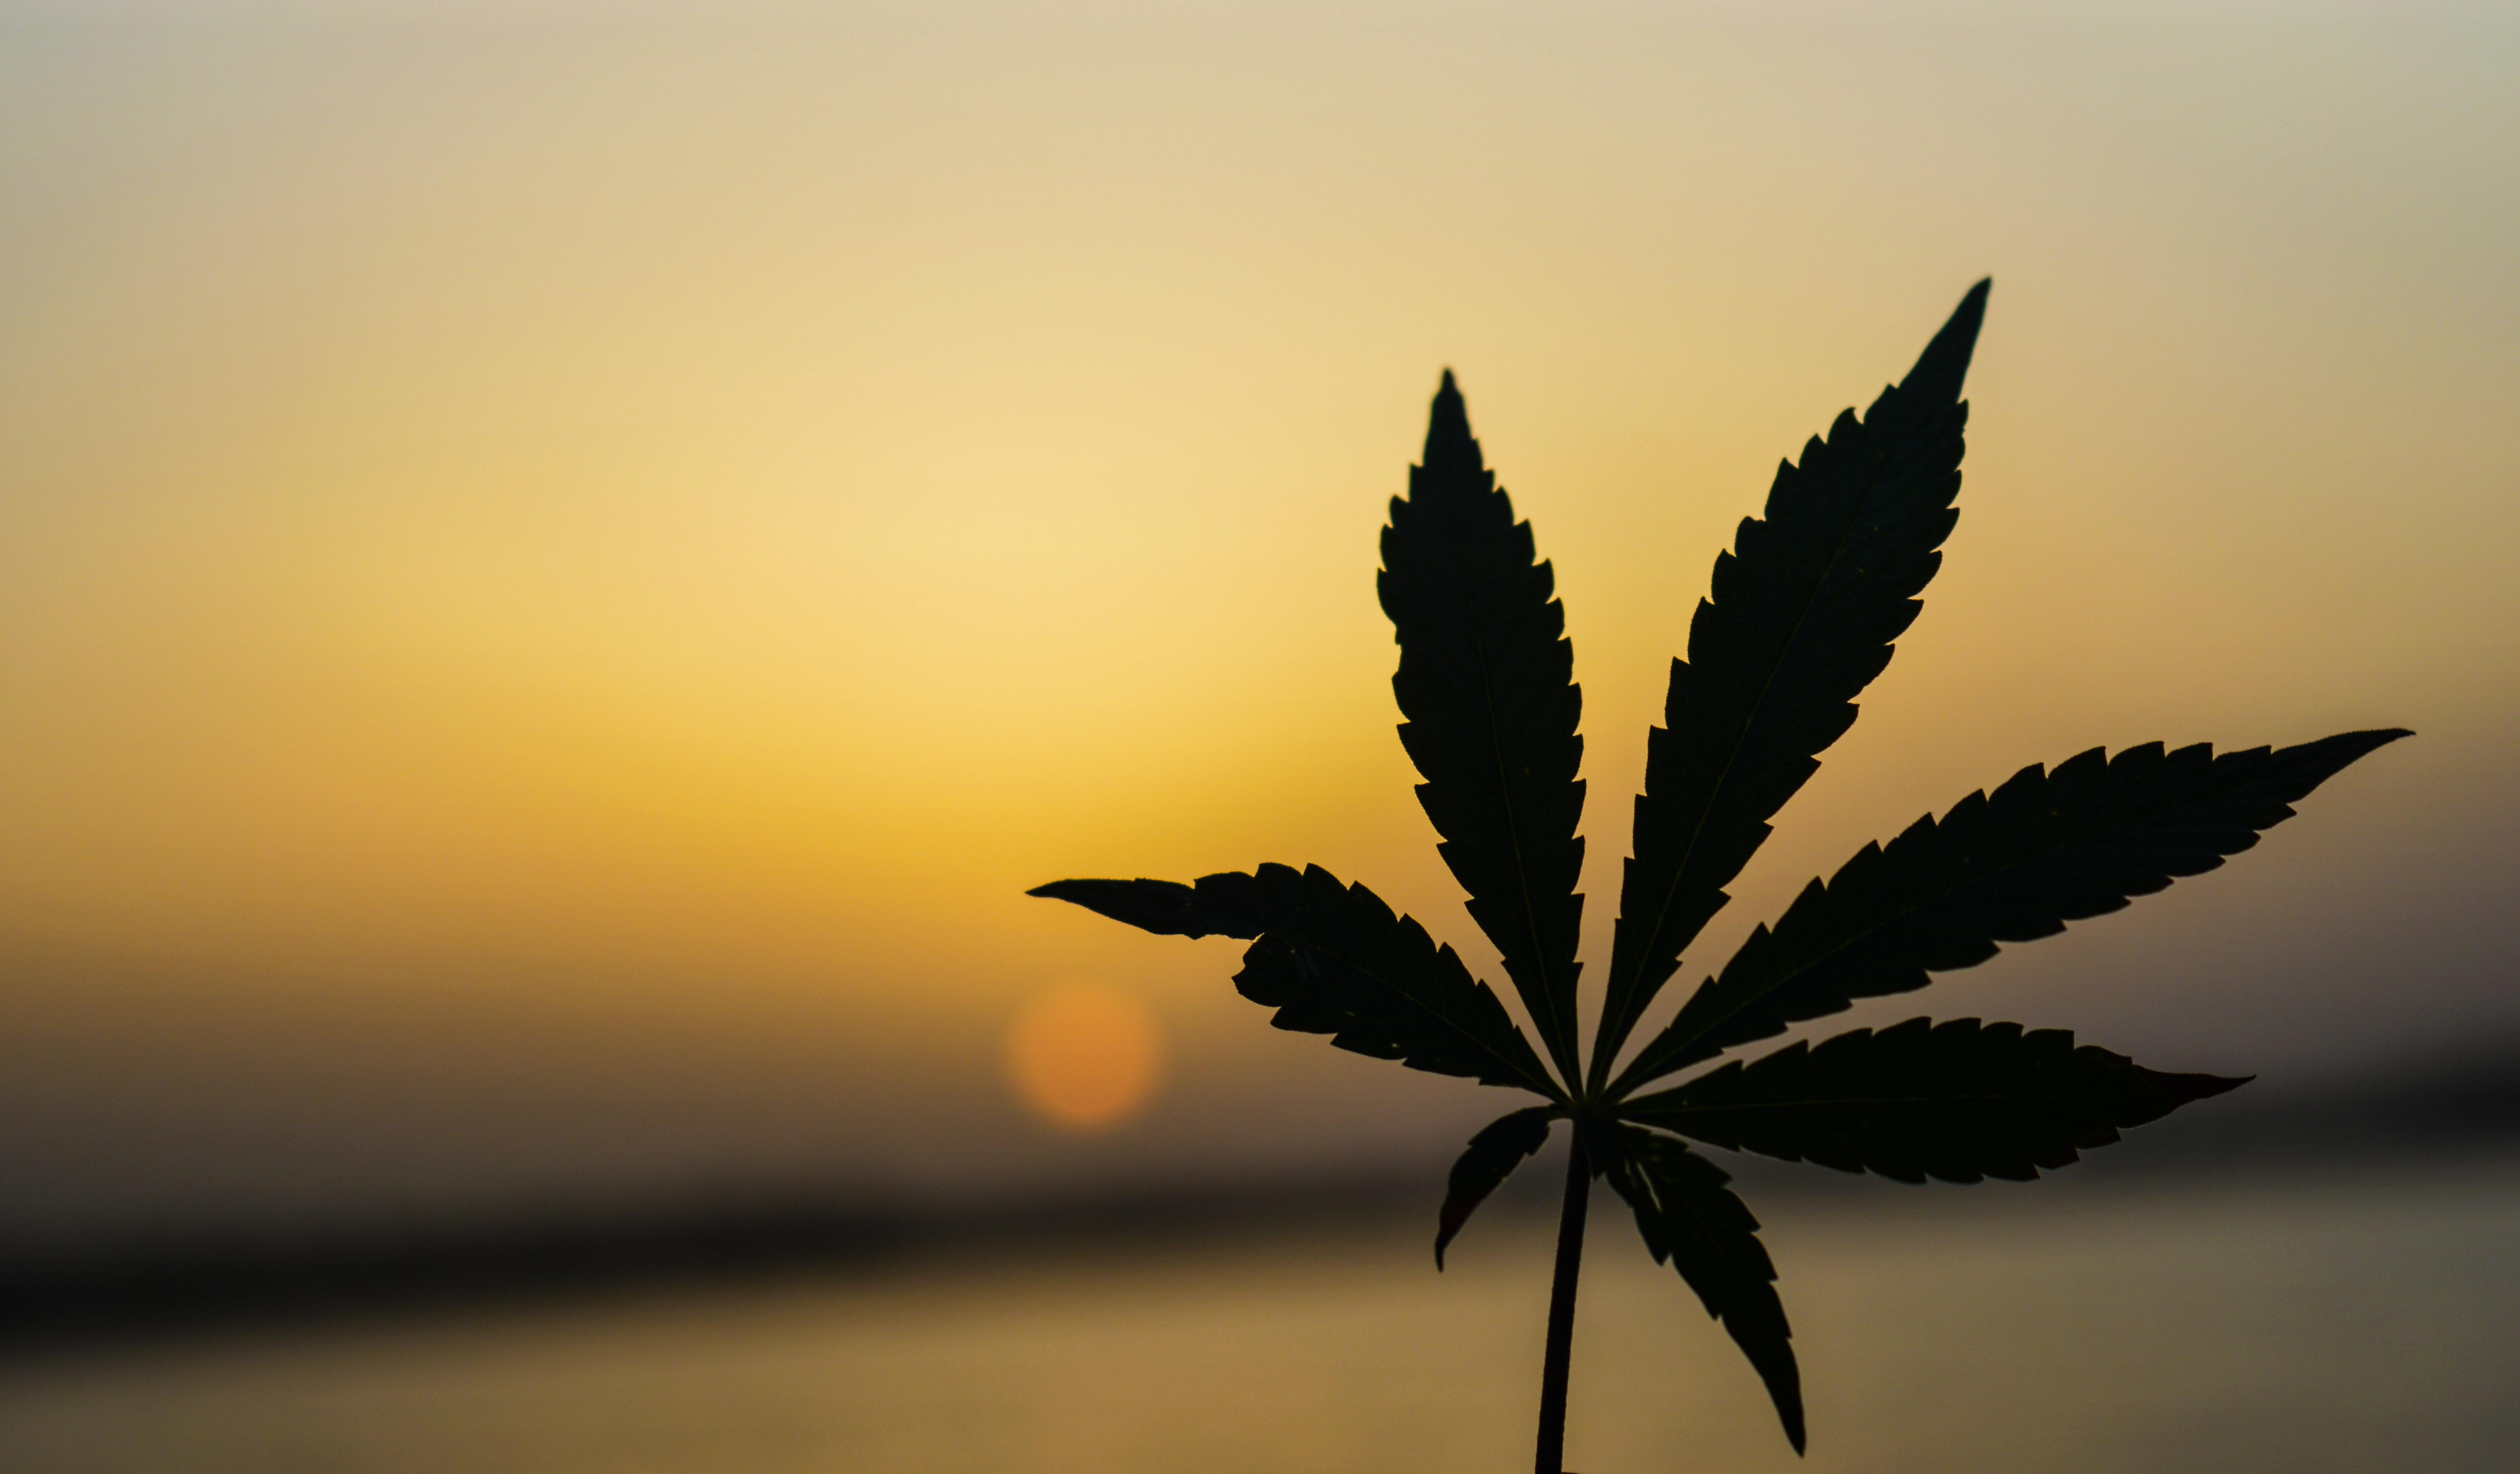 Hanfpflanze vor Sonnenuntergang